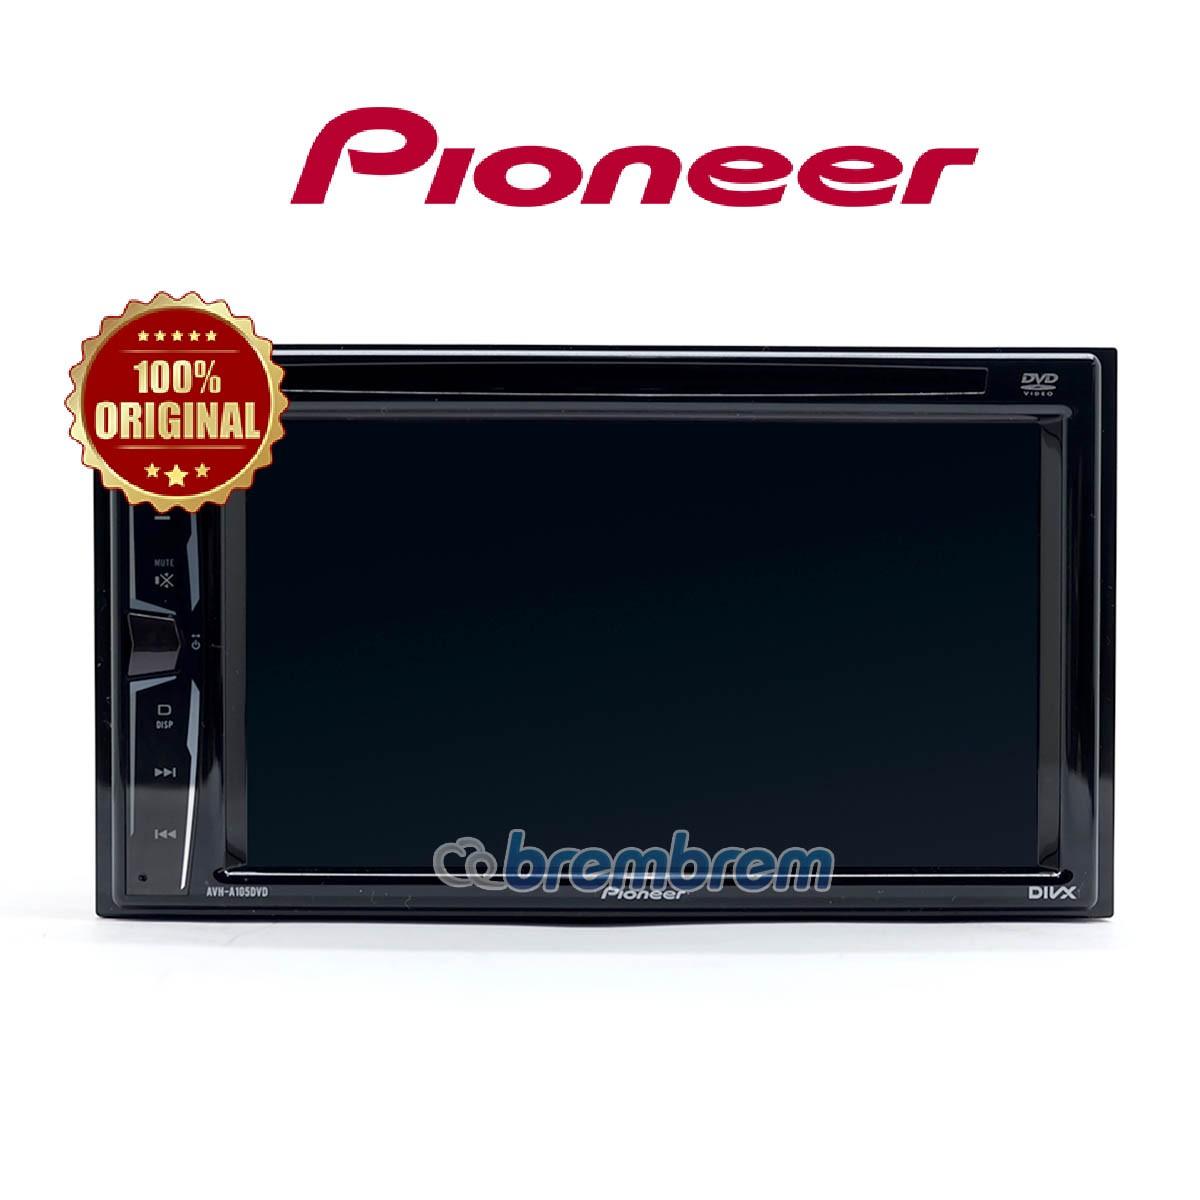 PIONEER AVH-A105DVD - HEADUNIT DOUBLE DIN